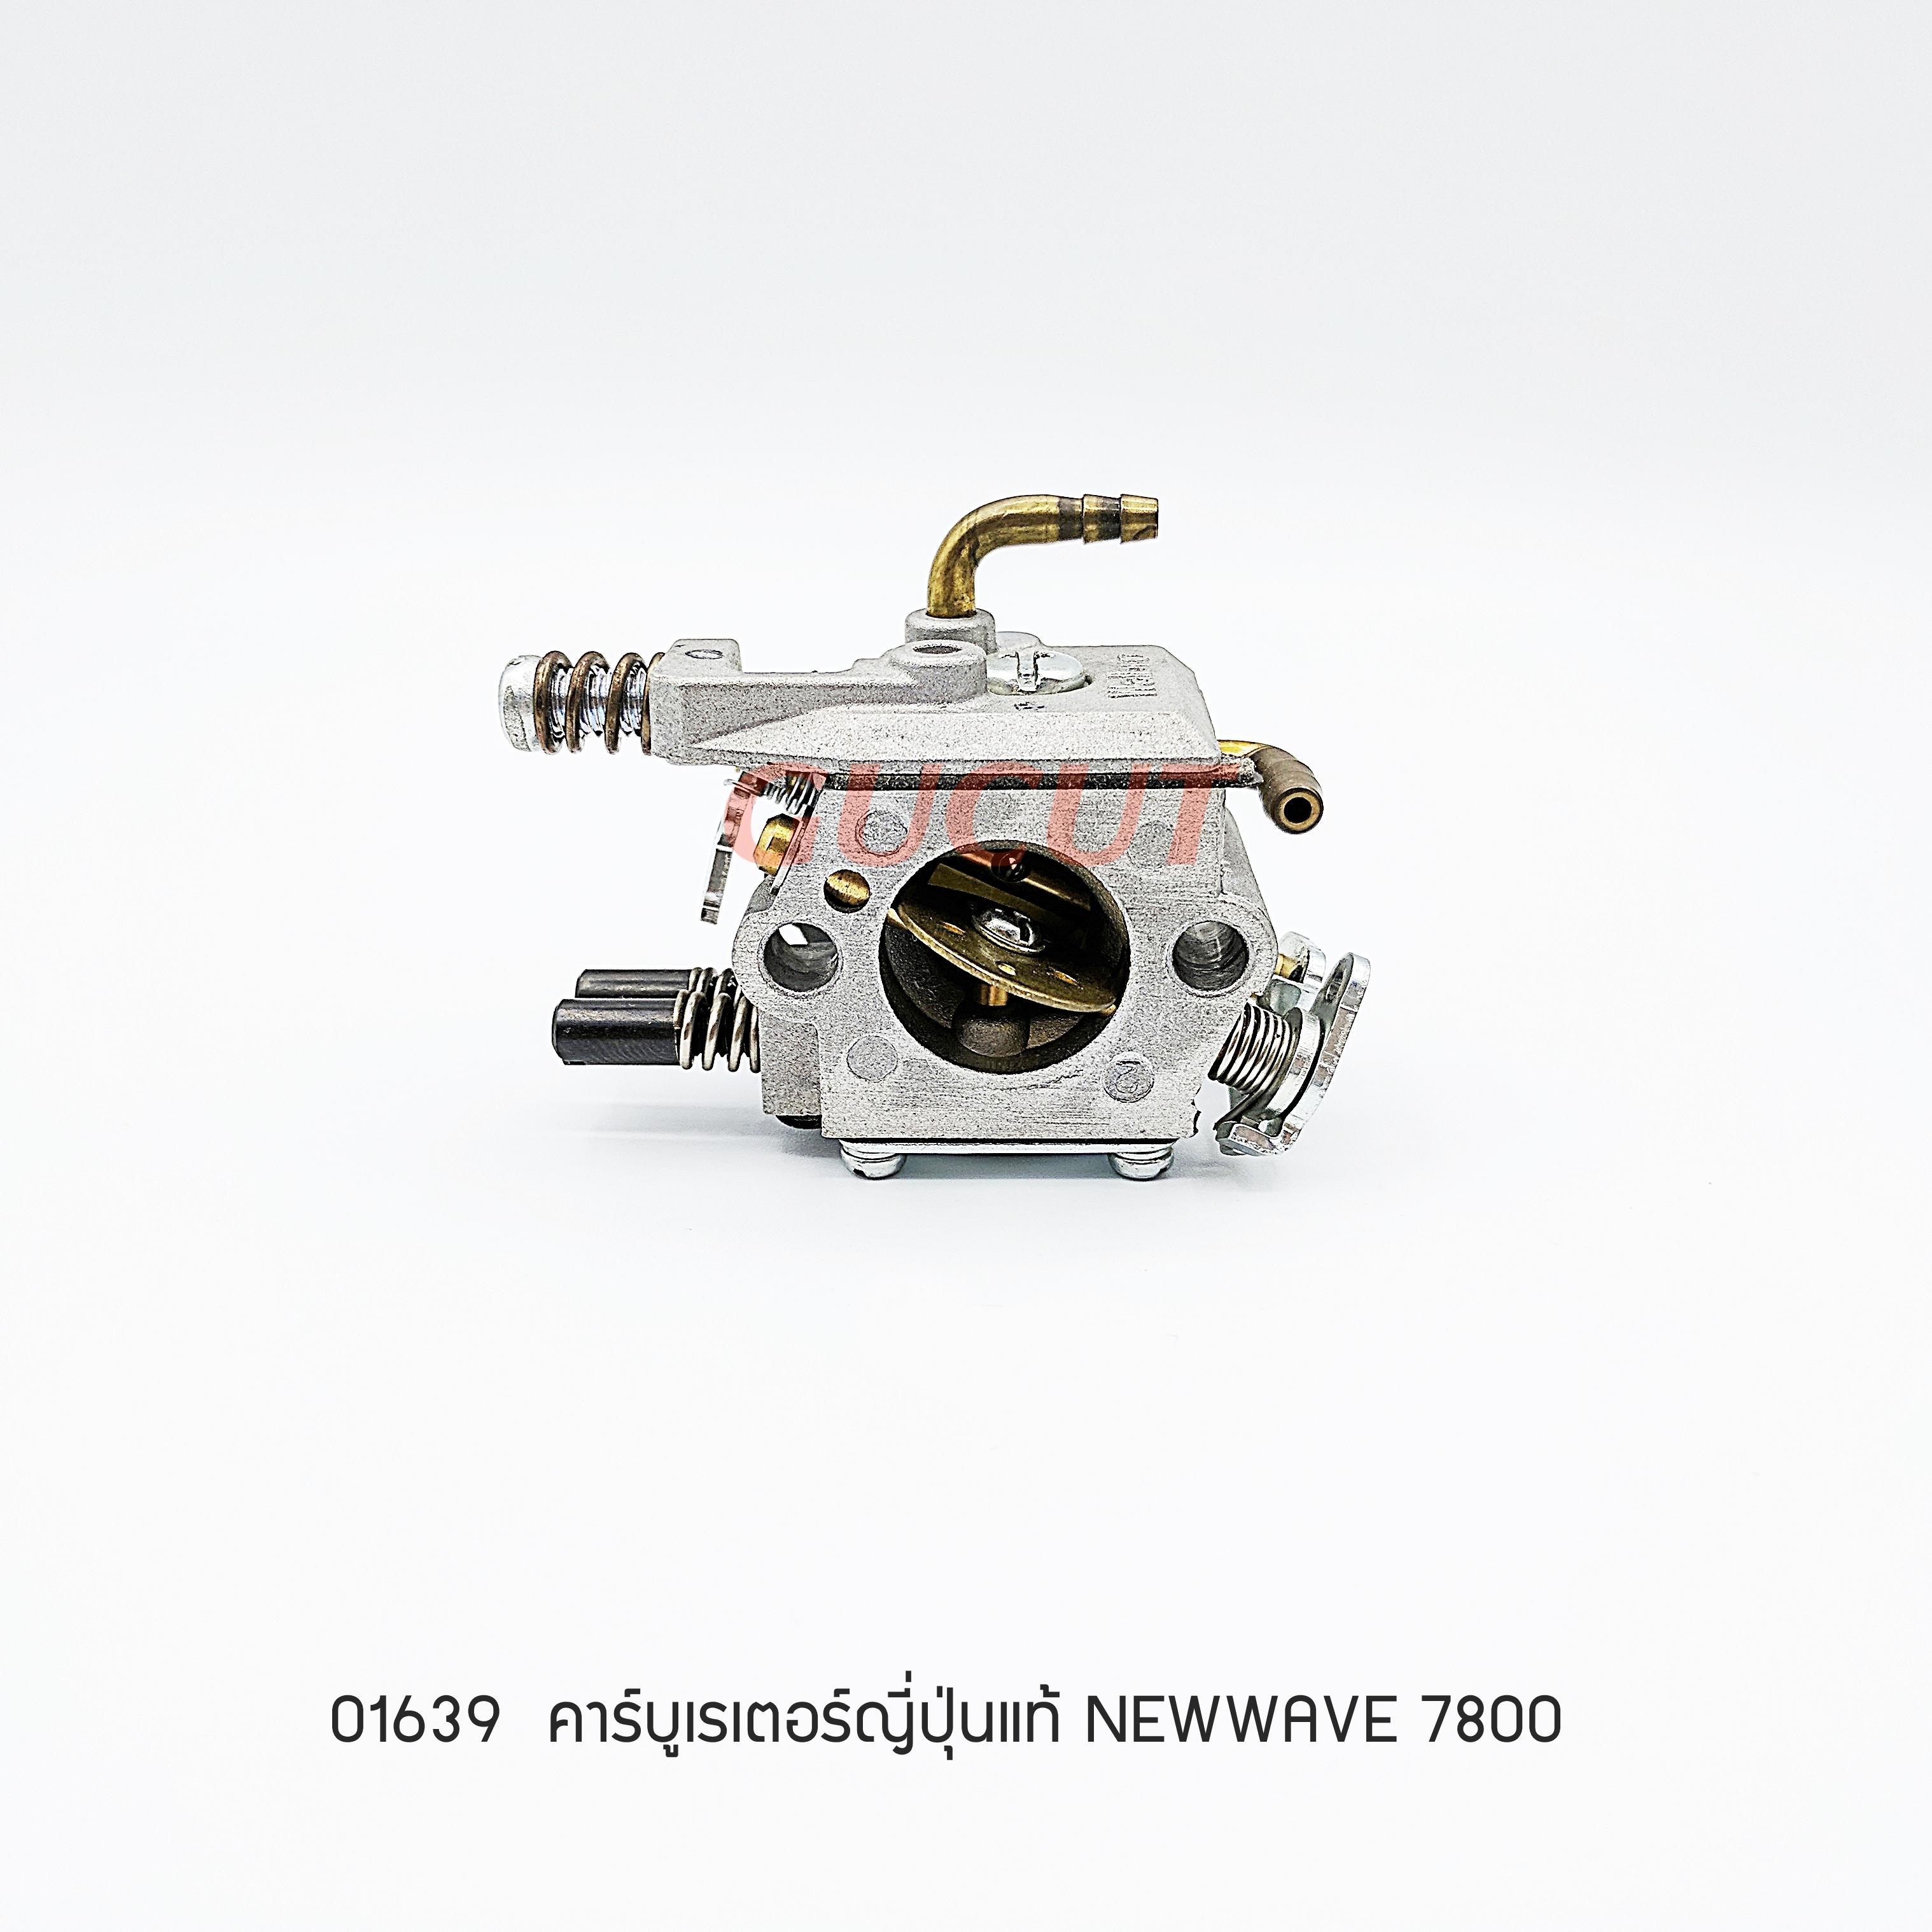 คาร์บูเรเตอร์ญี่ปุ่นแท้ NEWWAVE 7800